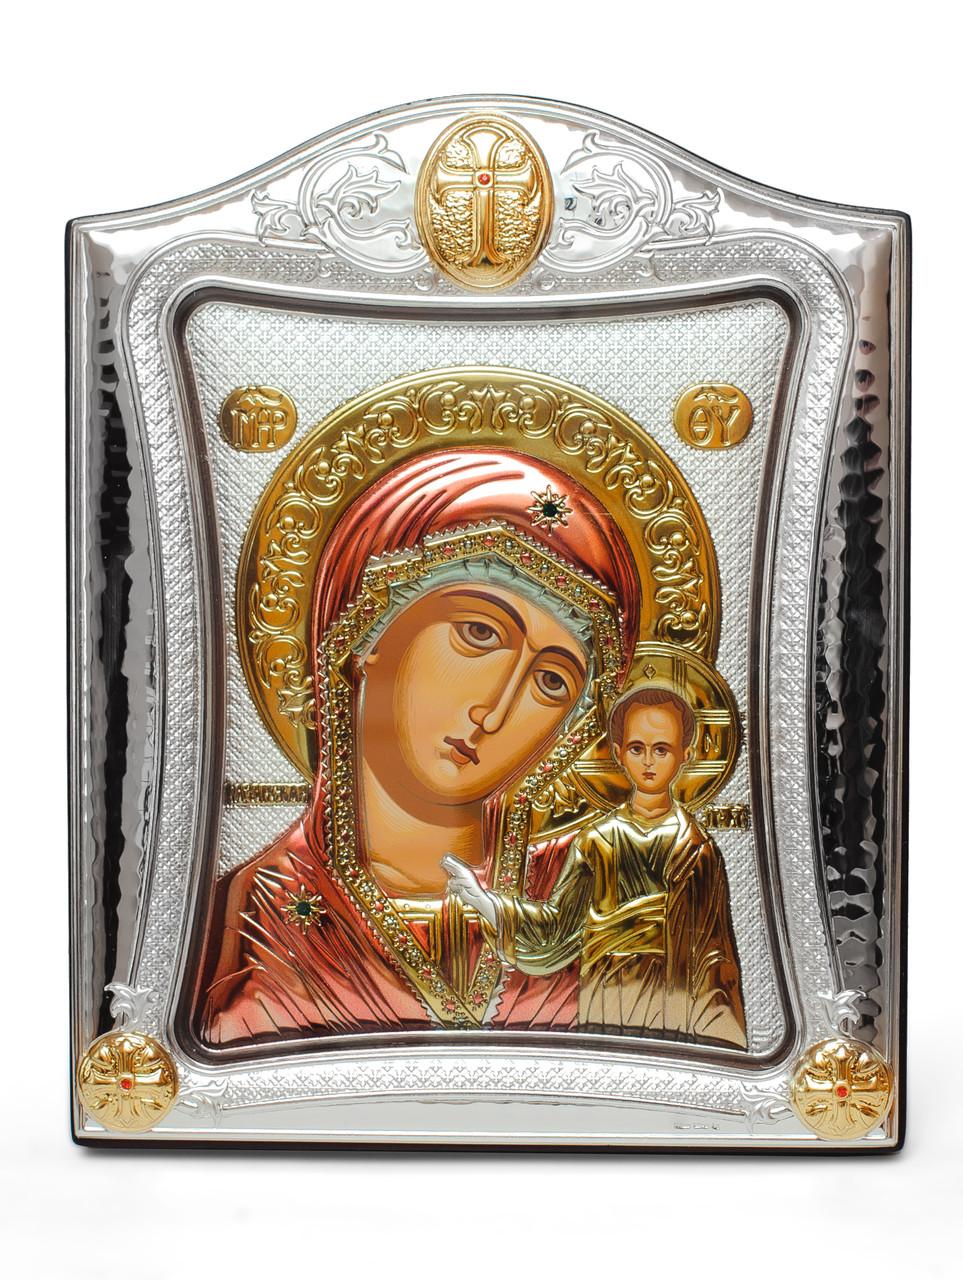 Эксклюзивная серебряная икона Казанская Божья Матерь 20х25см под стеклом